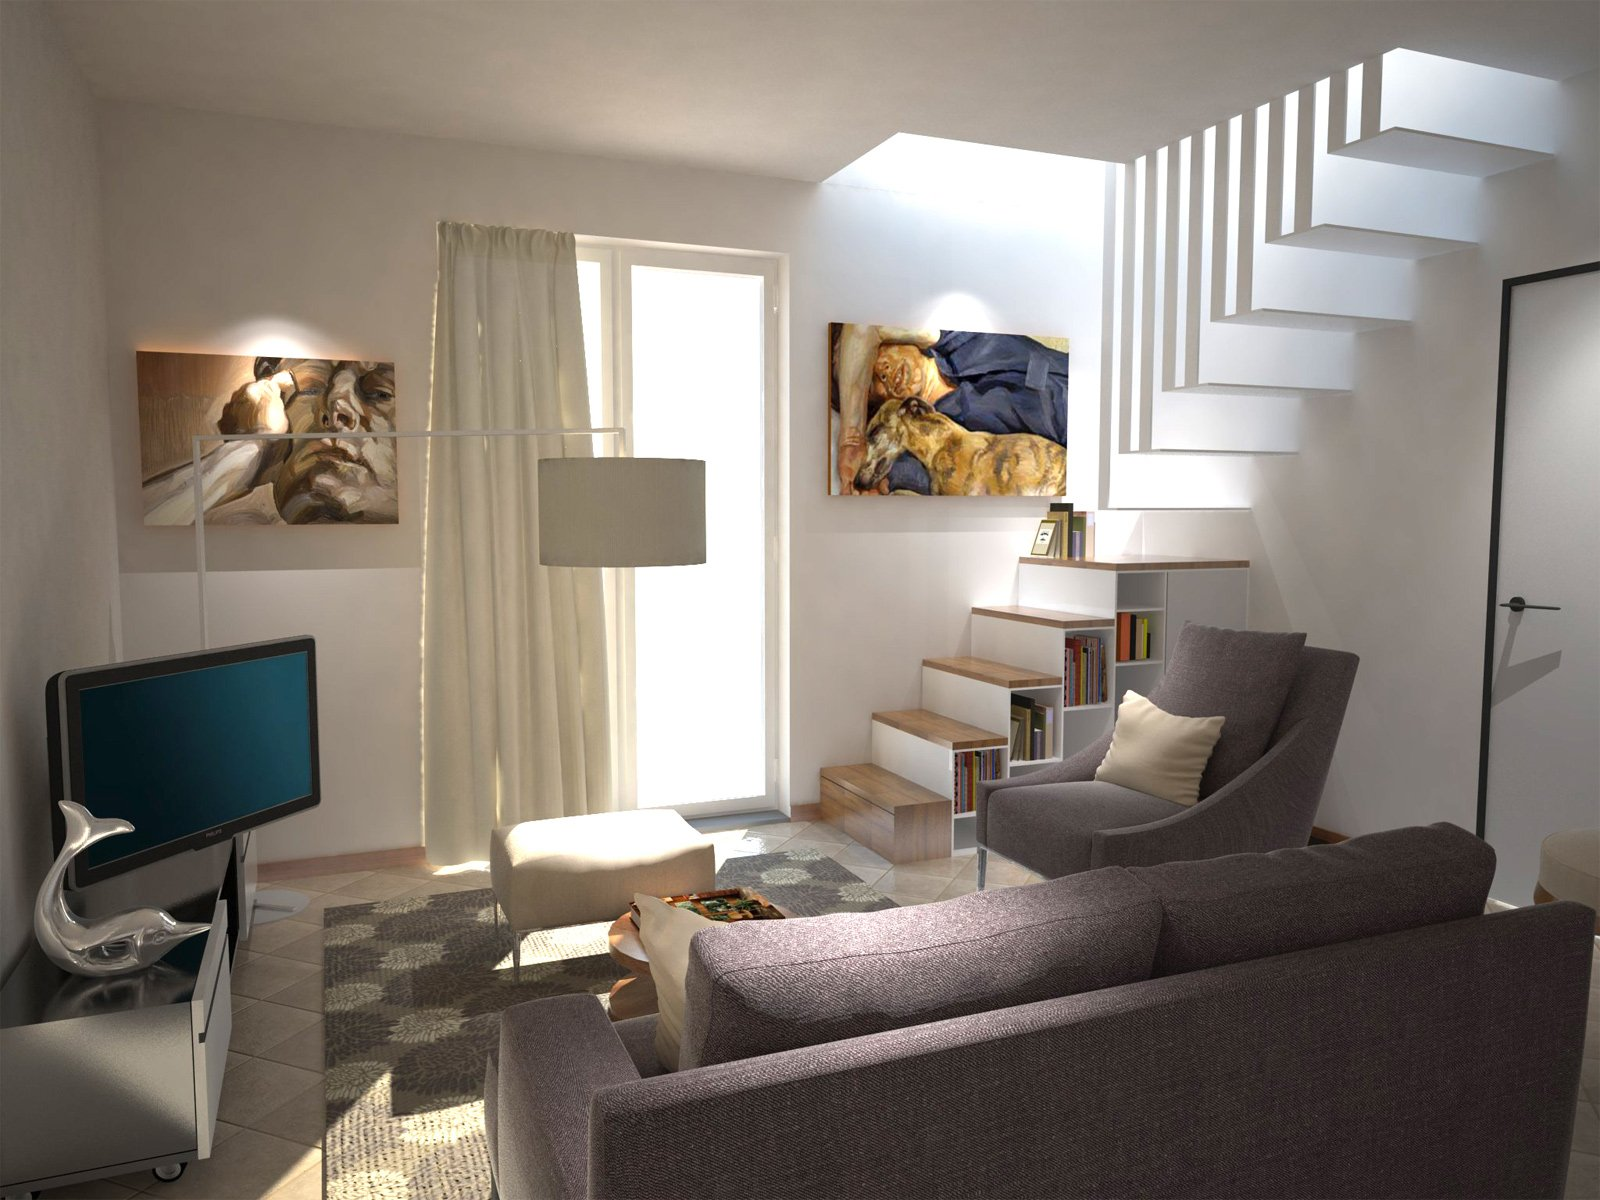 Arredare un soggiorno con tante aperture sulle pareti for Idee arredamento soggiorno fai da te